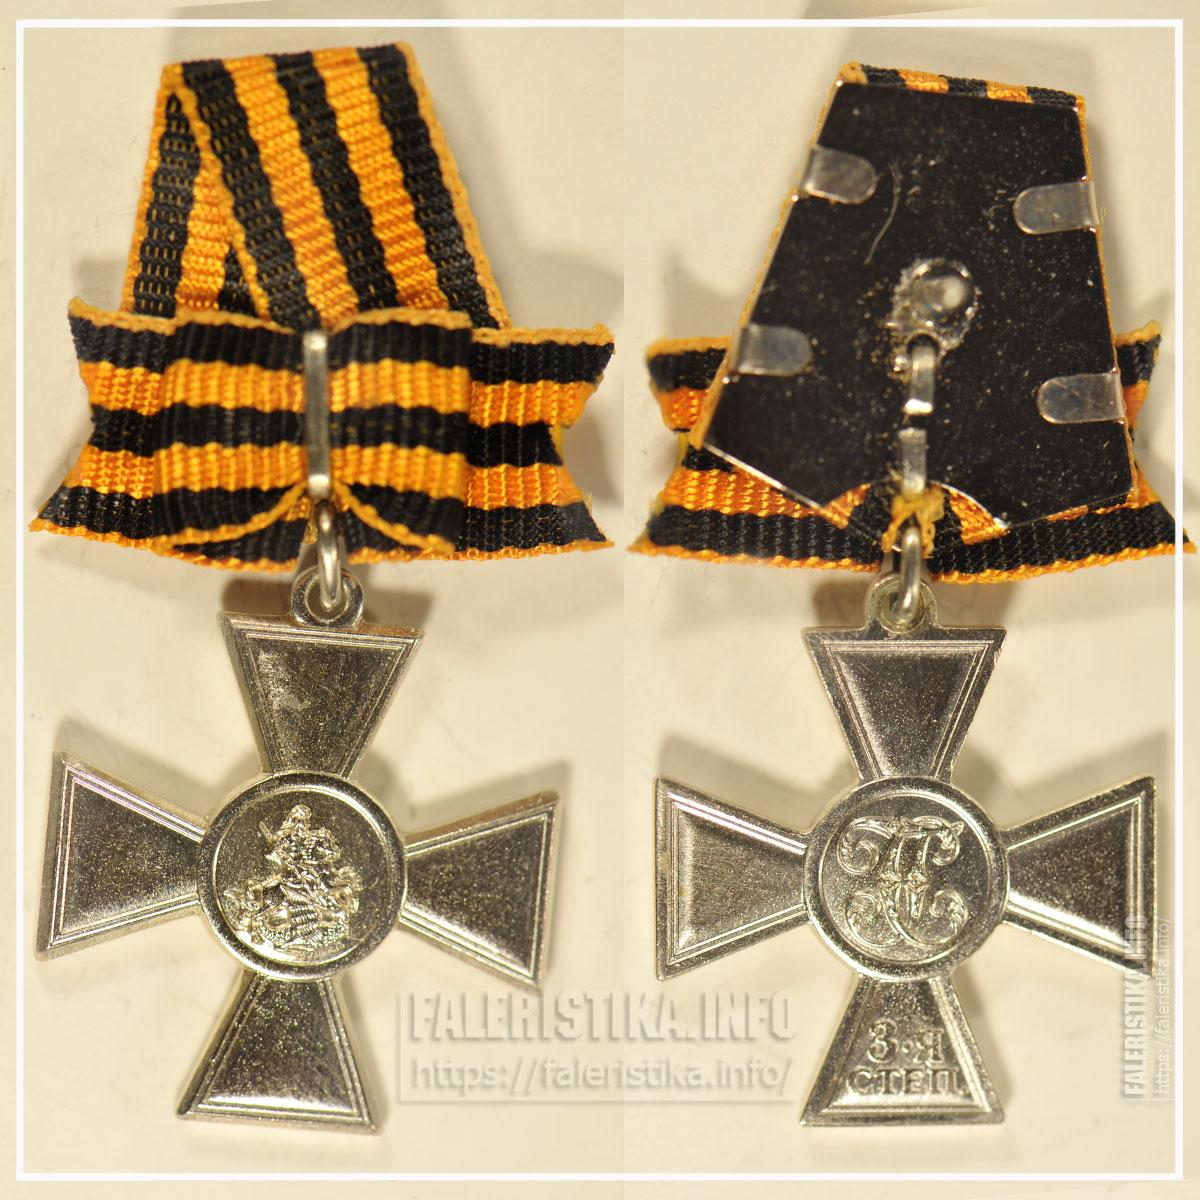 Знак отличия — Георгиевский крест III степени. Миниатюрная копия знака (фрачник)